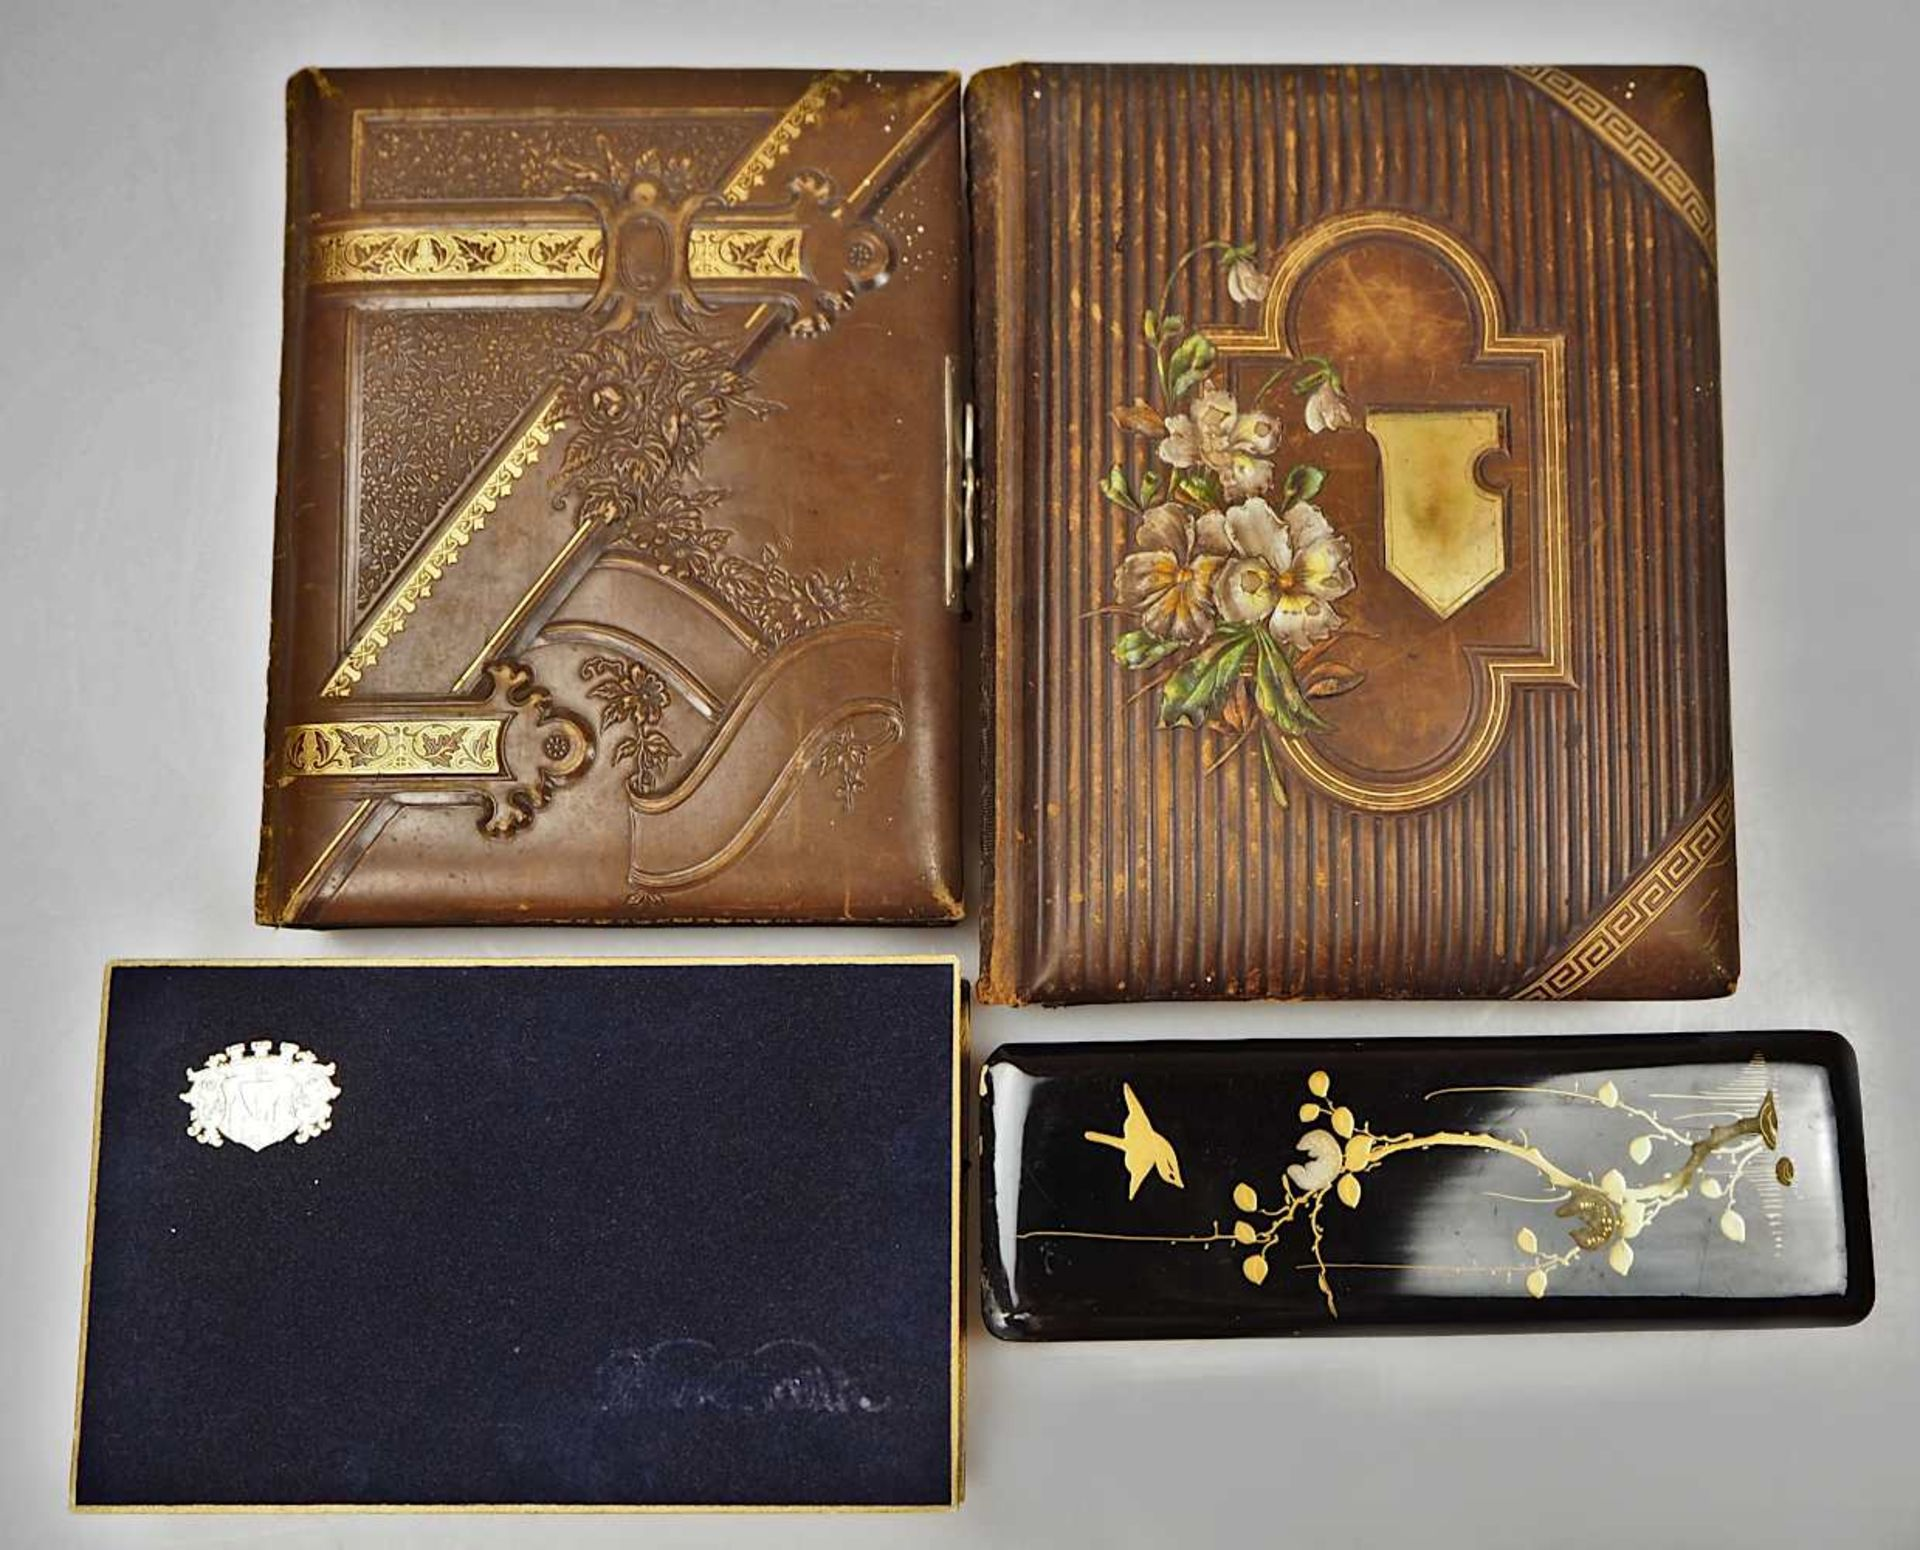 2 Fotoalben Anfang 20. Jh. mit Goldschnitt und reliefiertem Prägedekor z.T. gefüllt